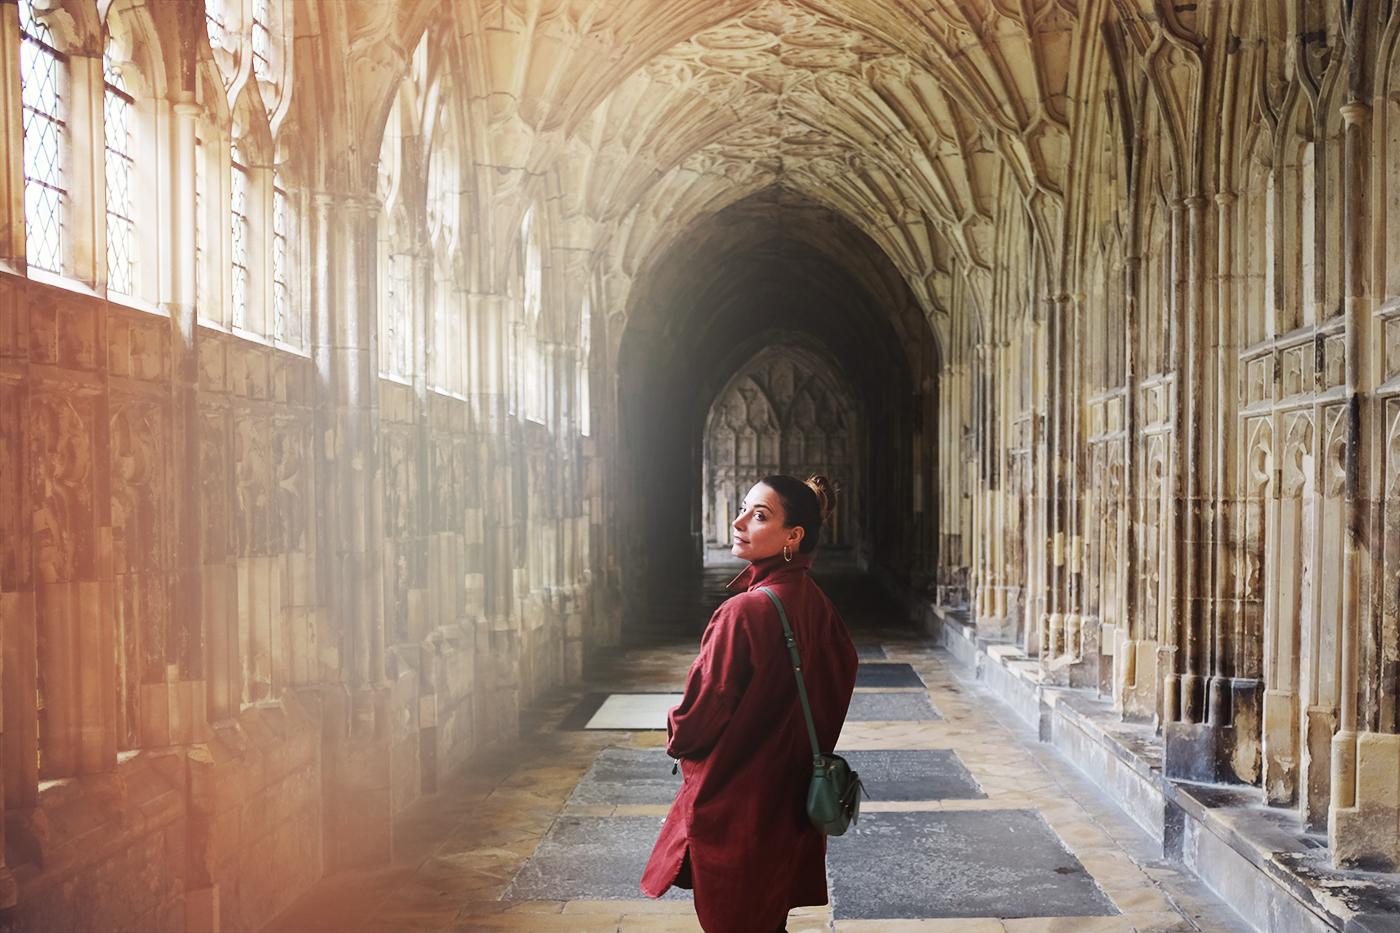 my-wanderlust-notes-viaggio-di-5-giorni-nella-parte-più-romantica-dell-inghilterra-cattedrale-di-gloucester